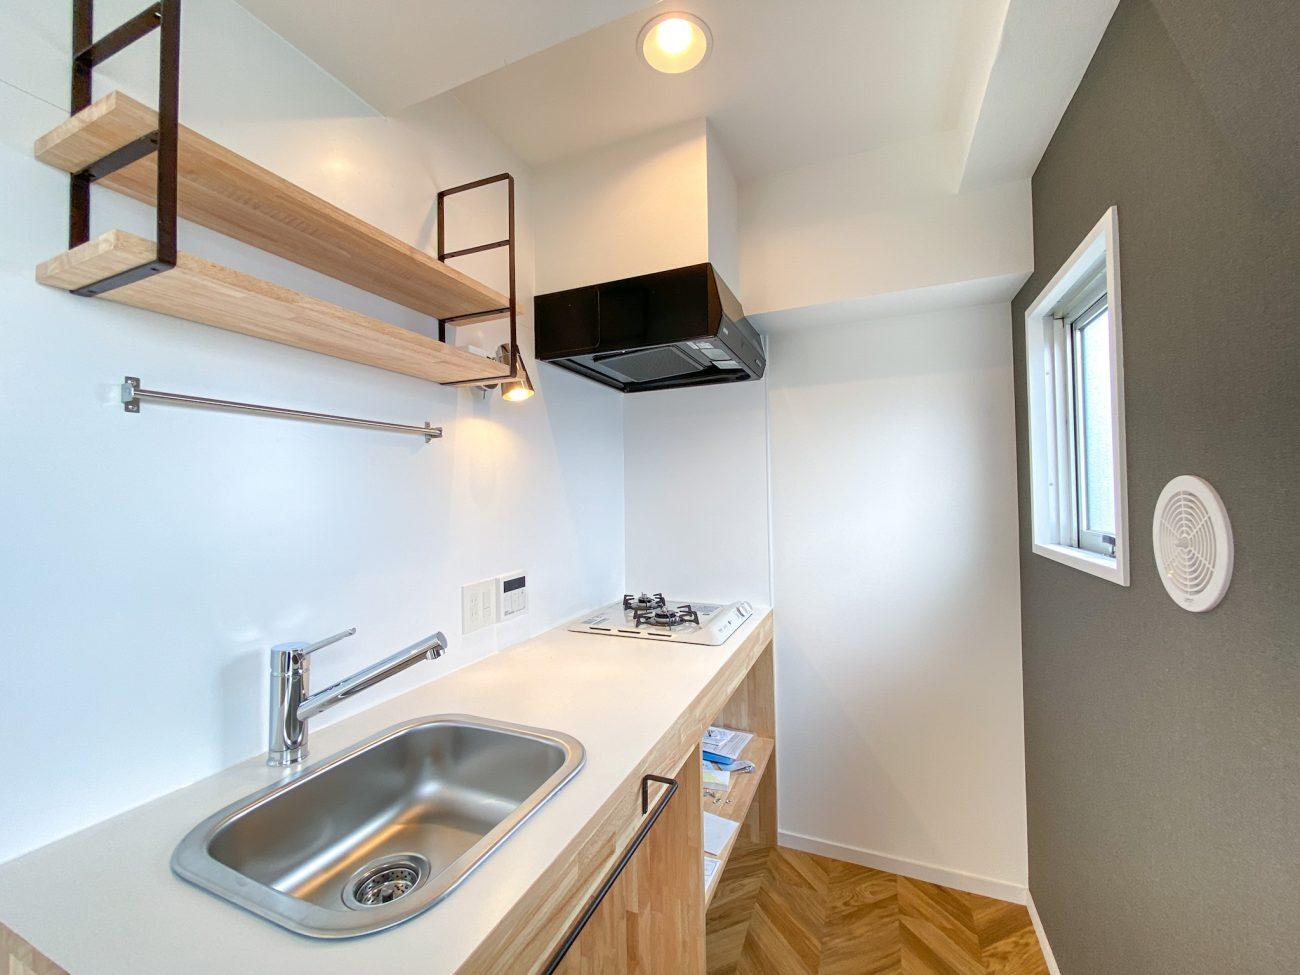 西荻窪 築38年 RC 28m2 ヘリンボーン床と造作キッチンが特長のナチュラルリノベの画像